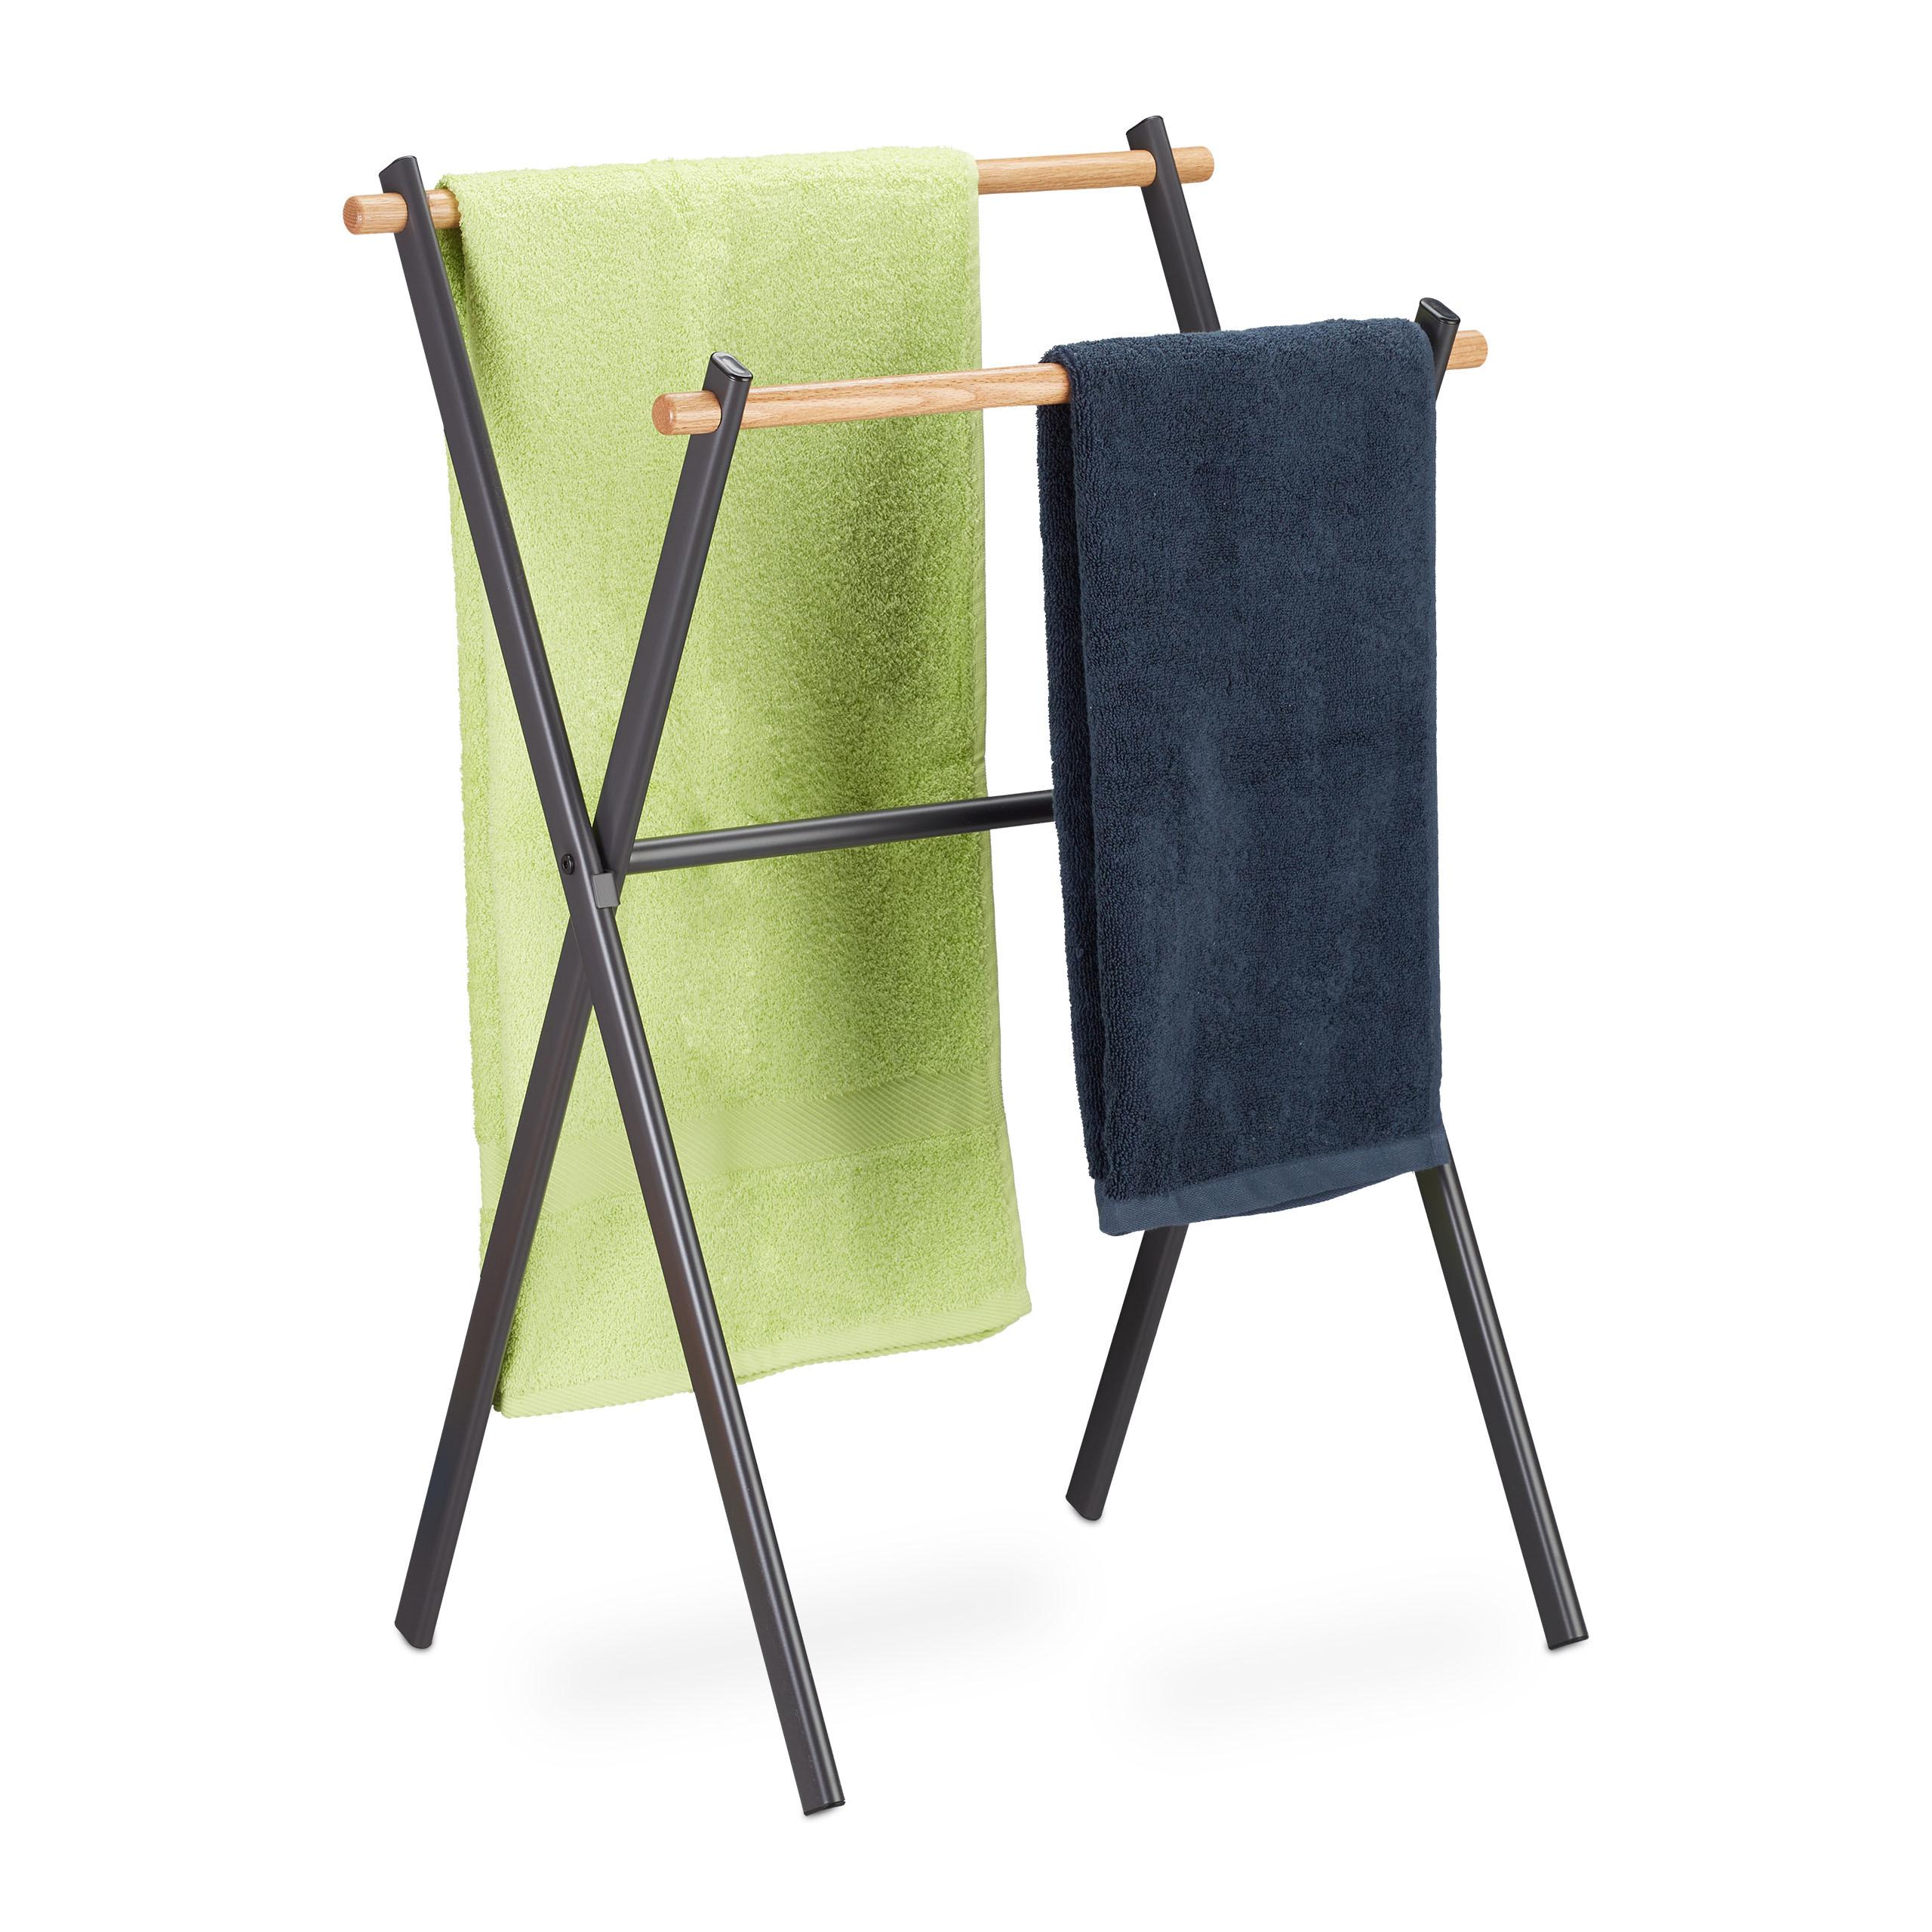 Handtuchständer Handtuchhalter stehend Bad